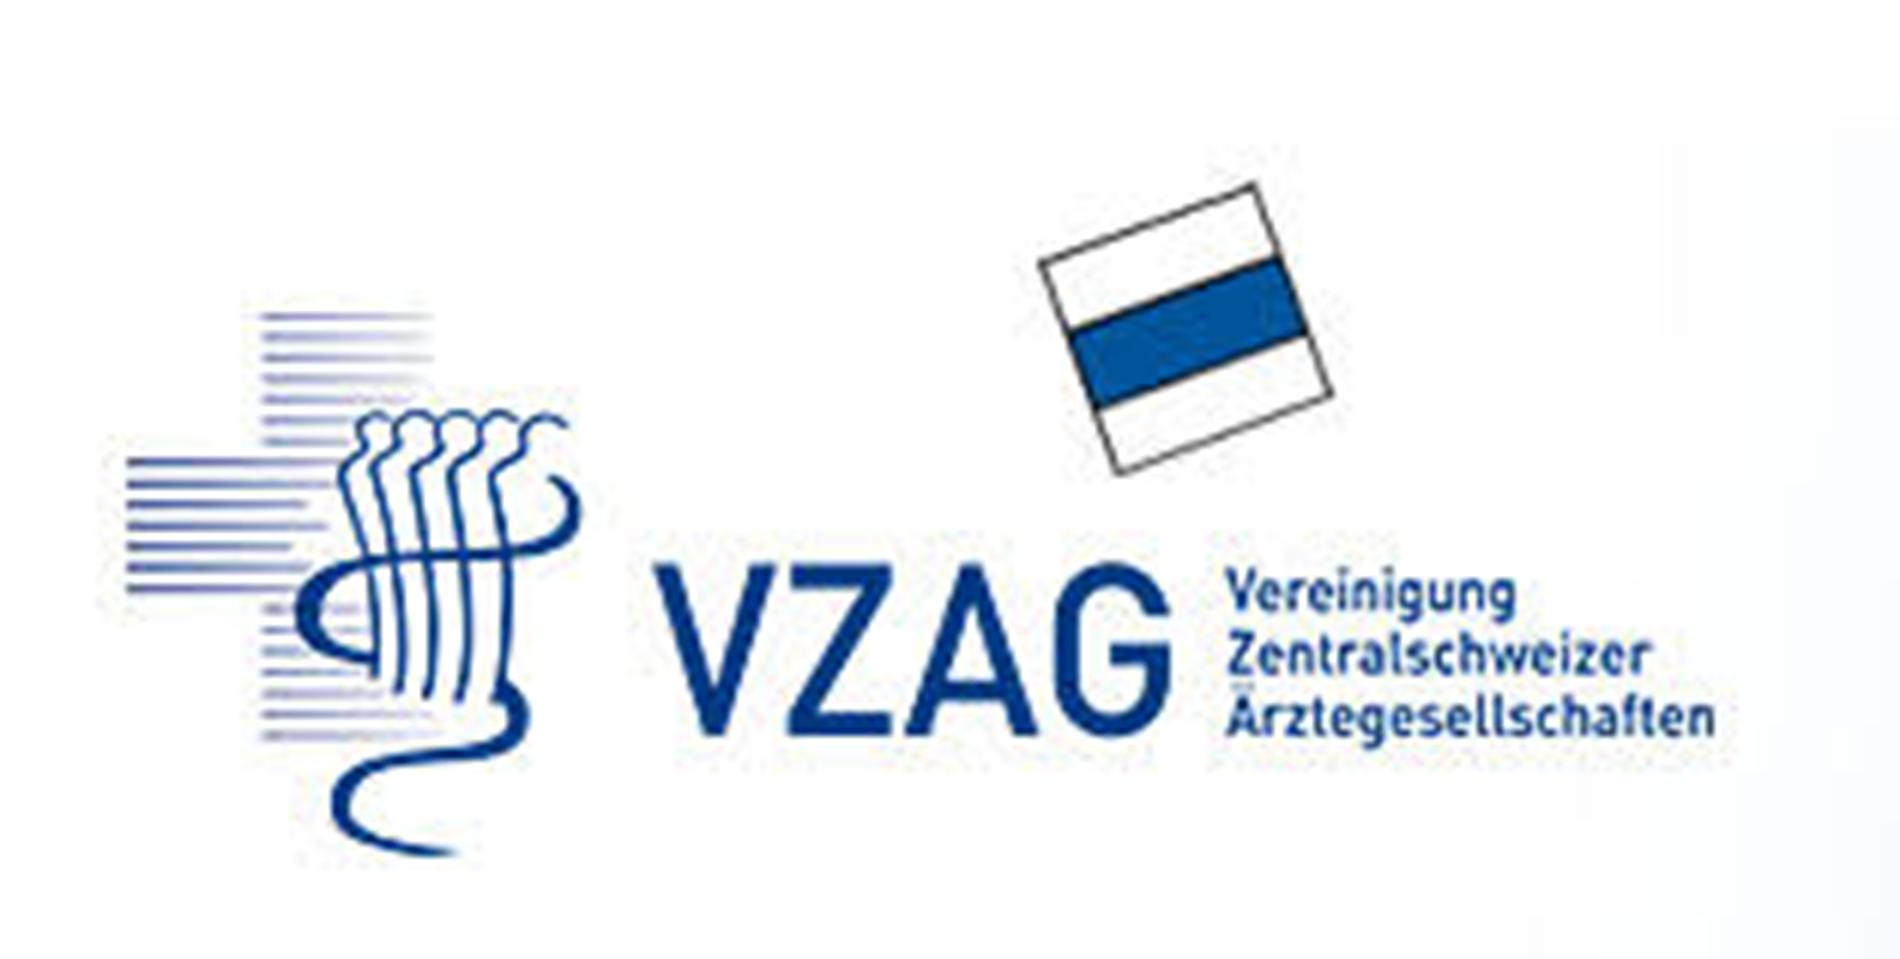 VZZAG Logo